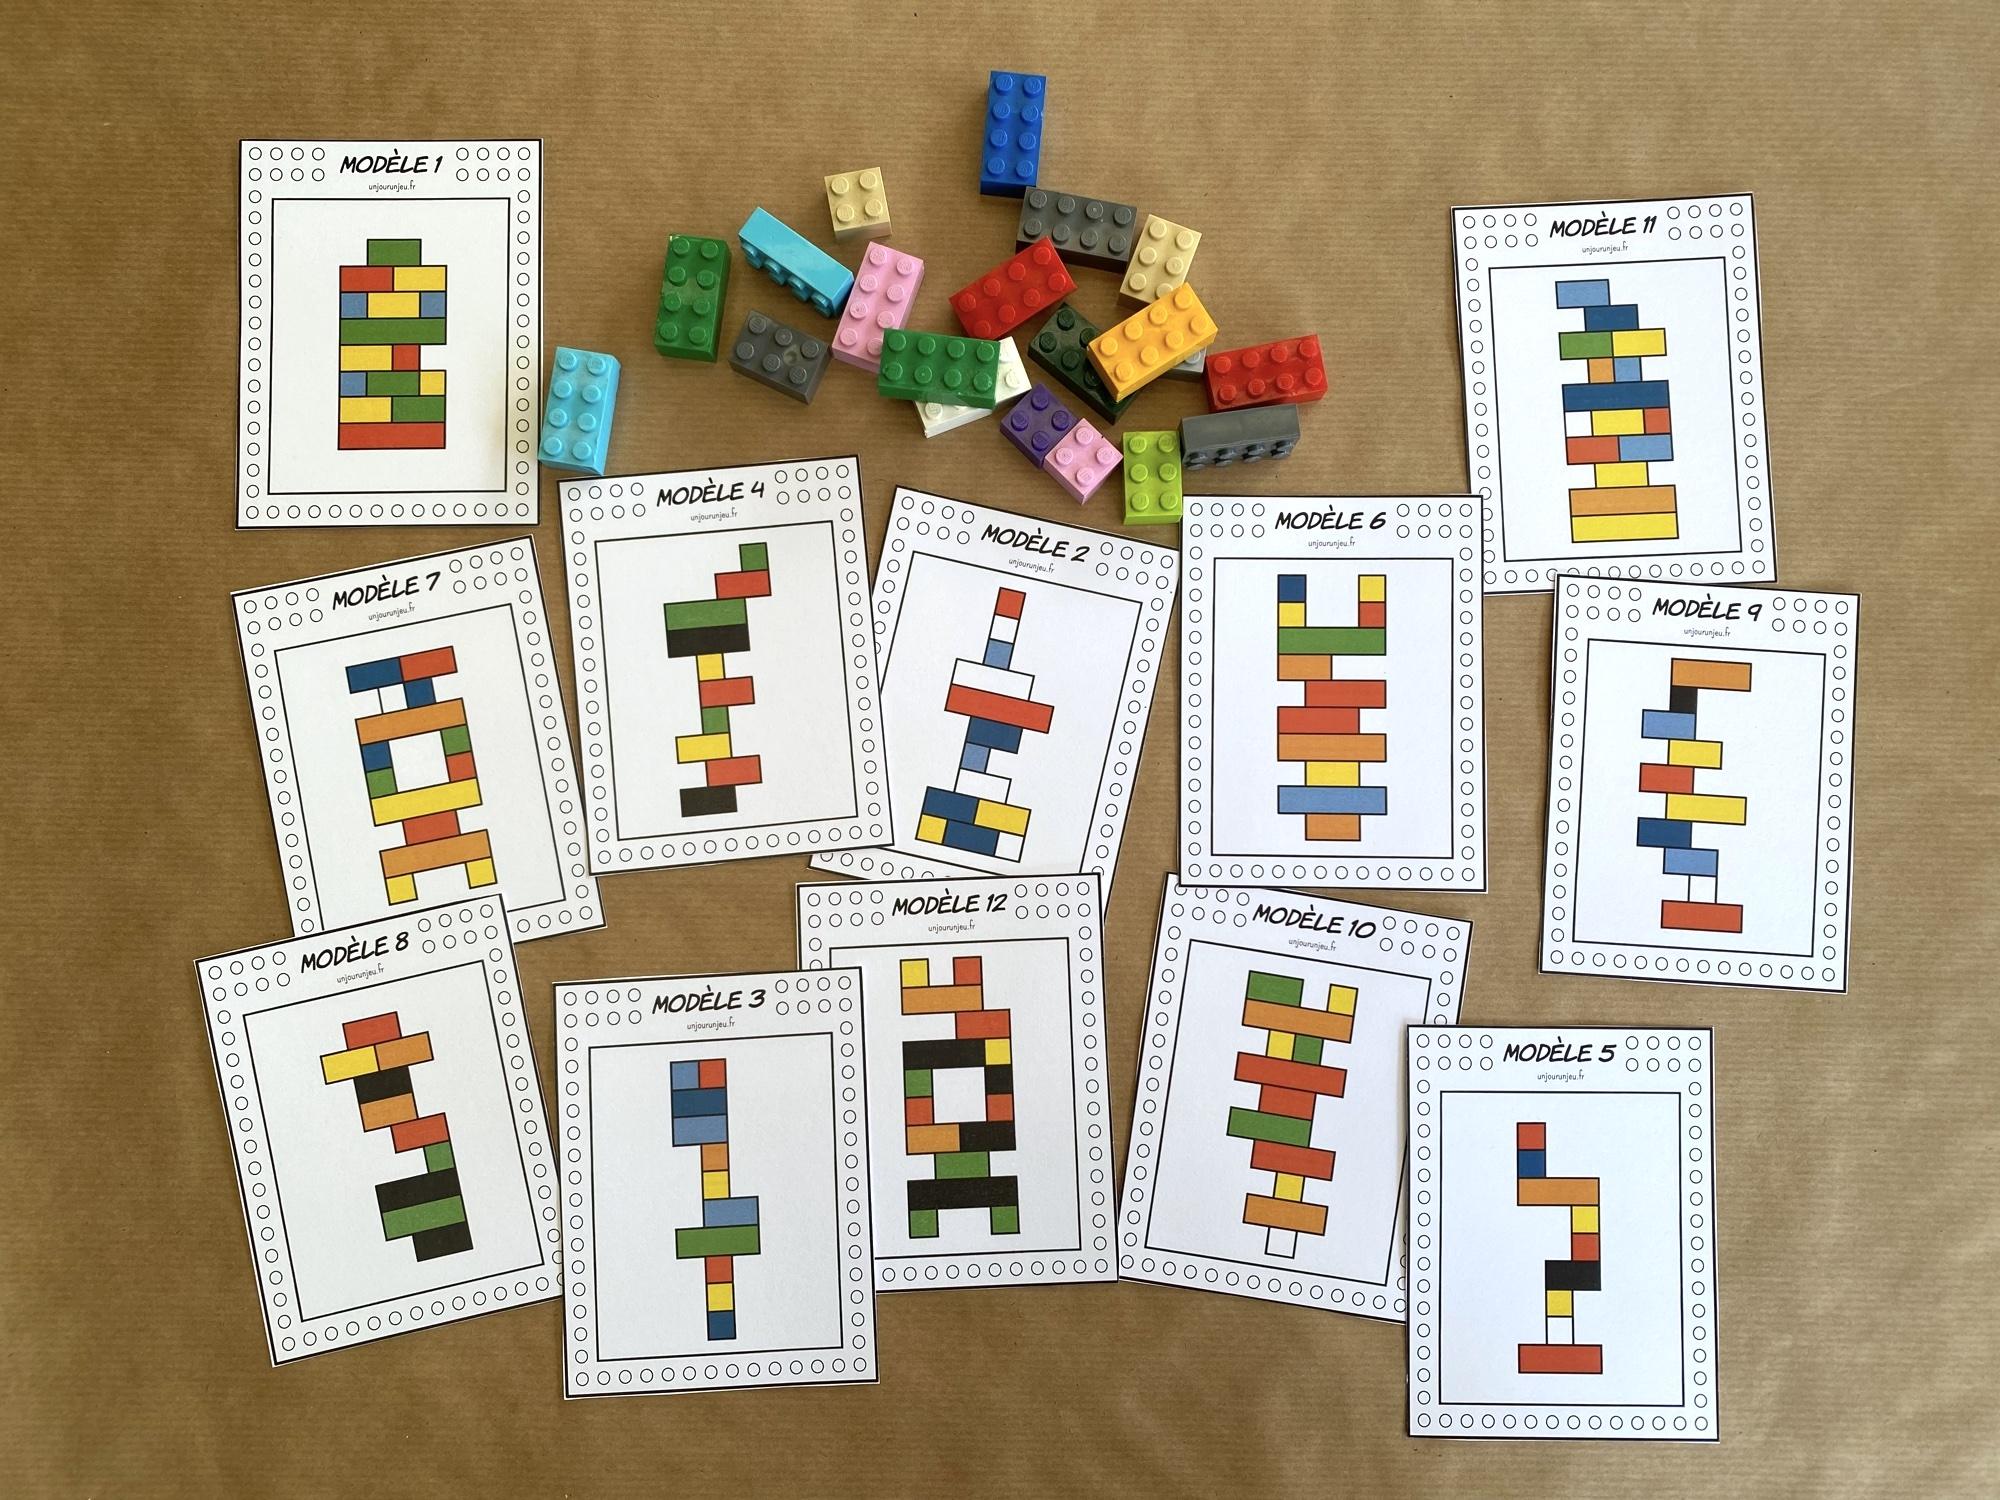 Fiches LEGO à reproduire - étape 2